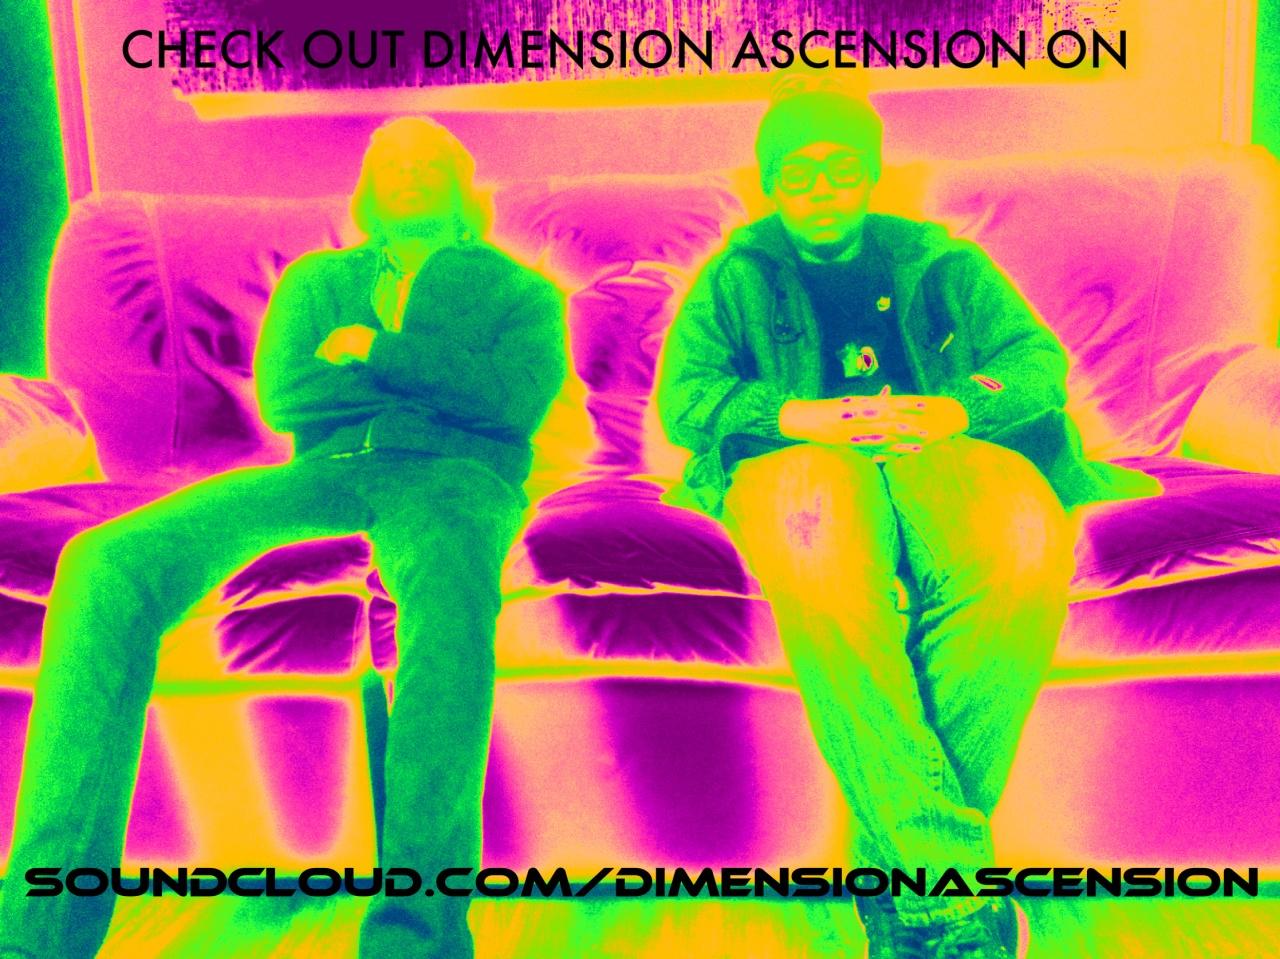 Dimension Ascension Soundcloud